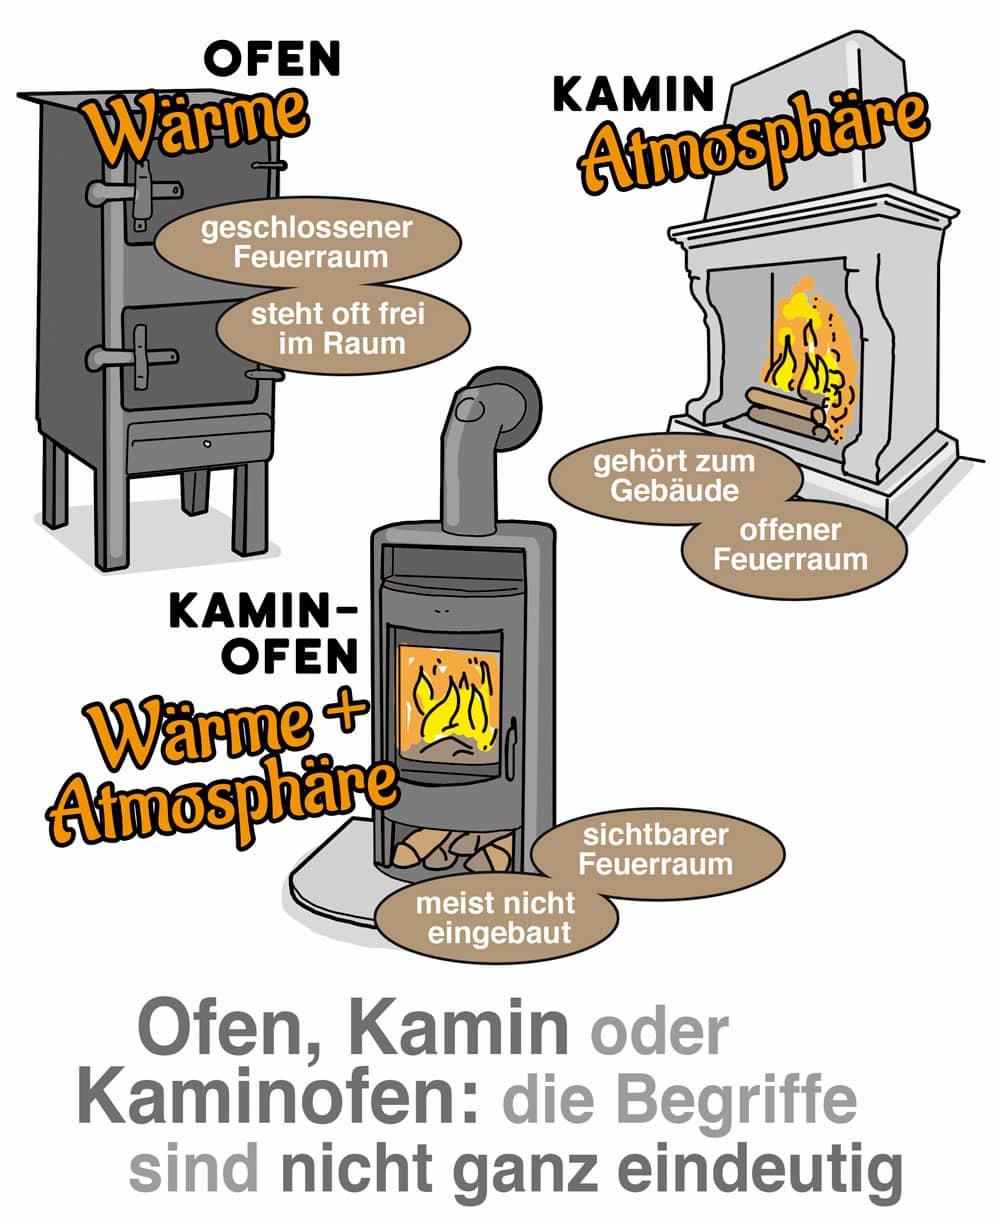 Ofen, Kamin und Kaminofen: Abgrenzung mitunter schwierig